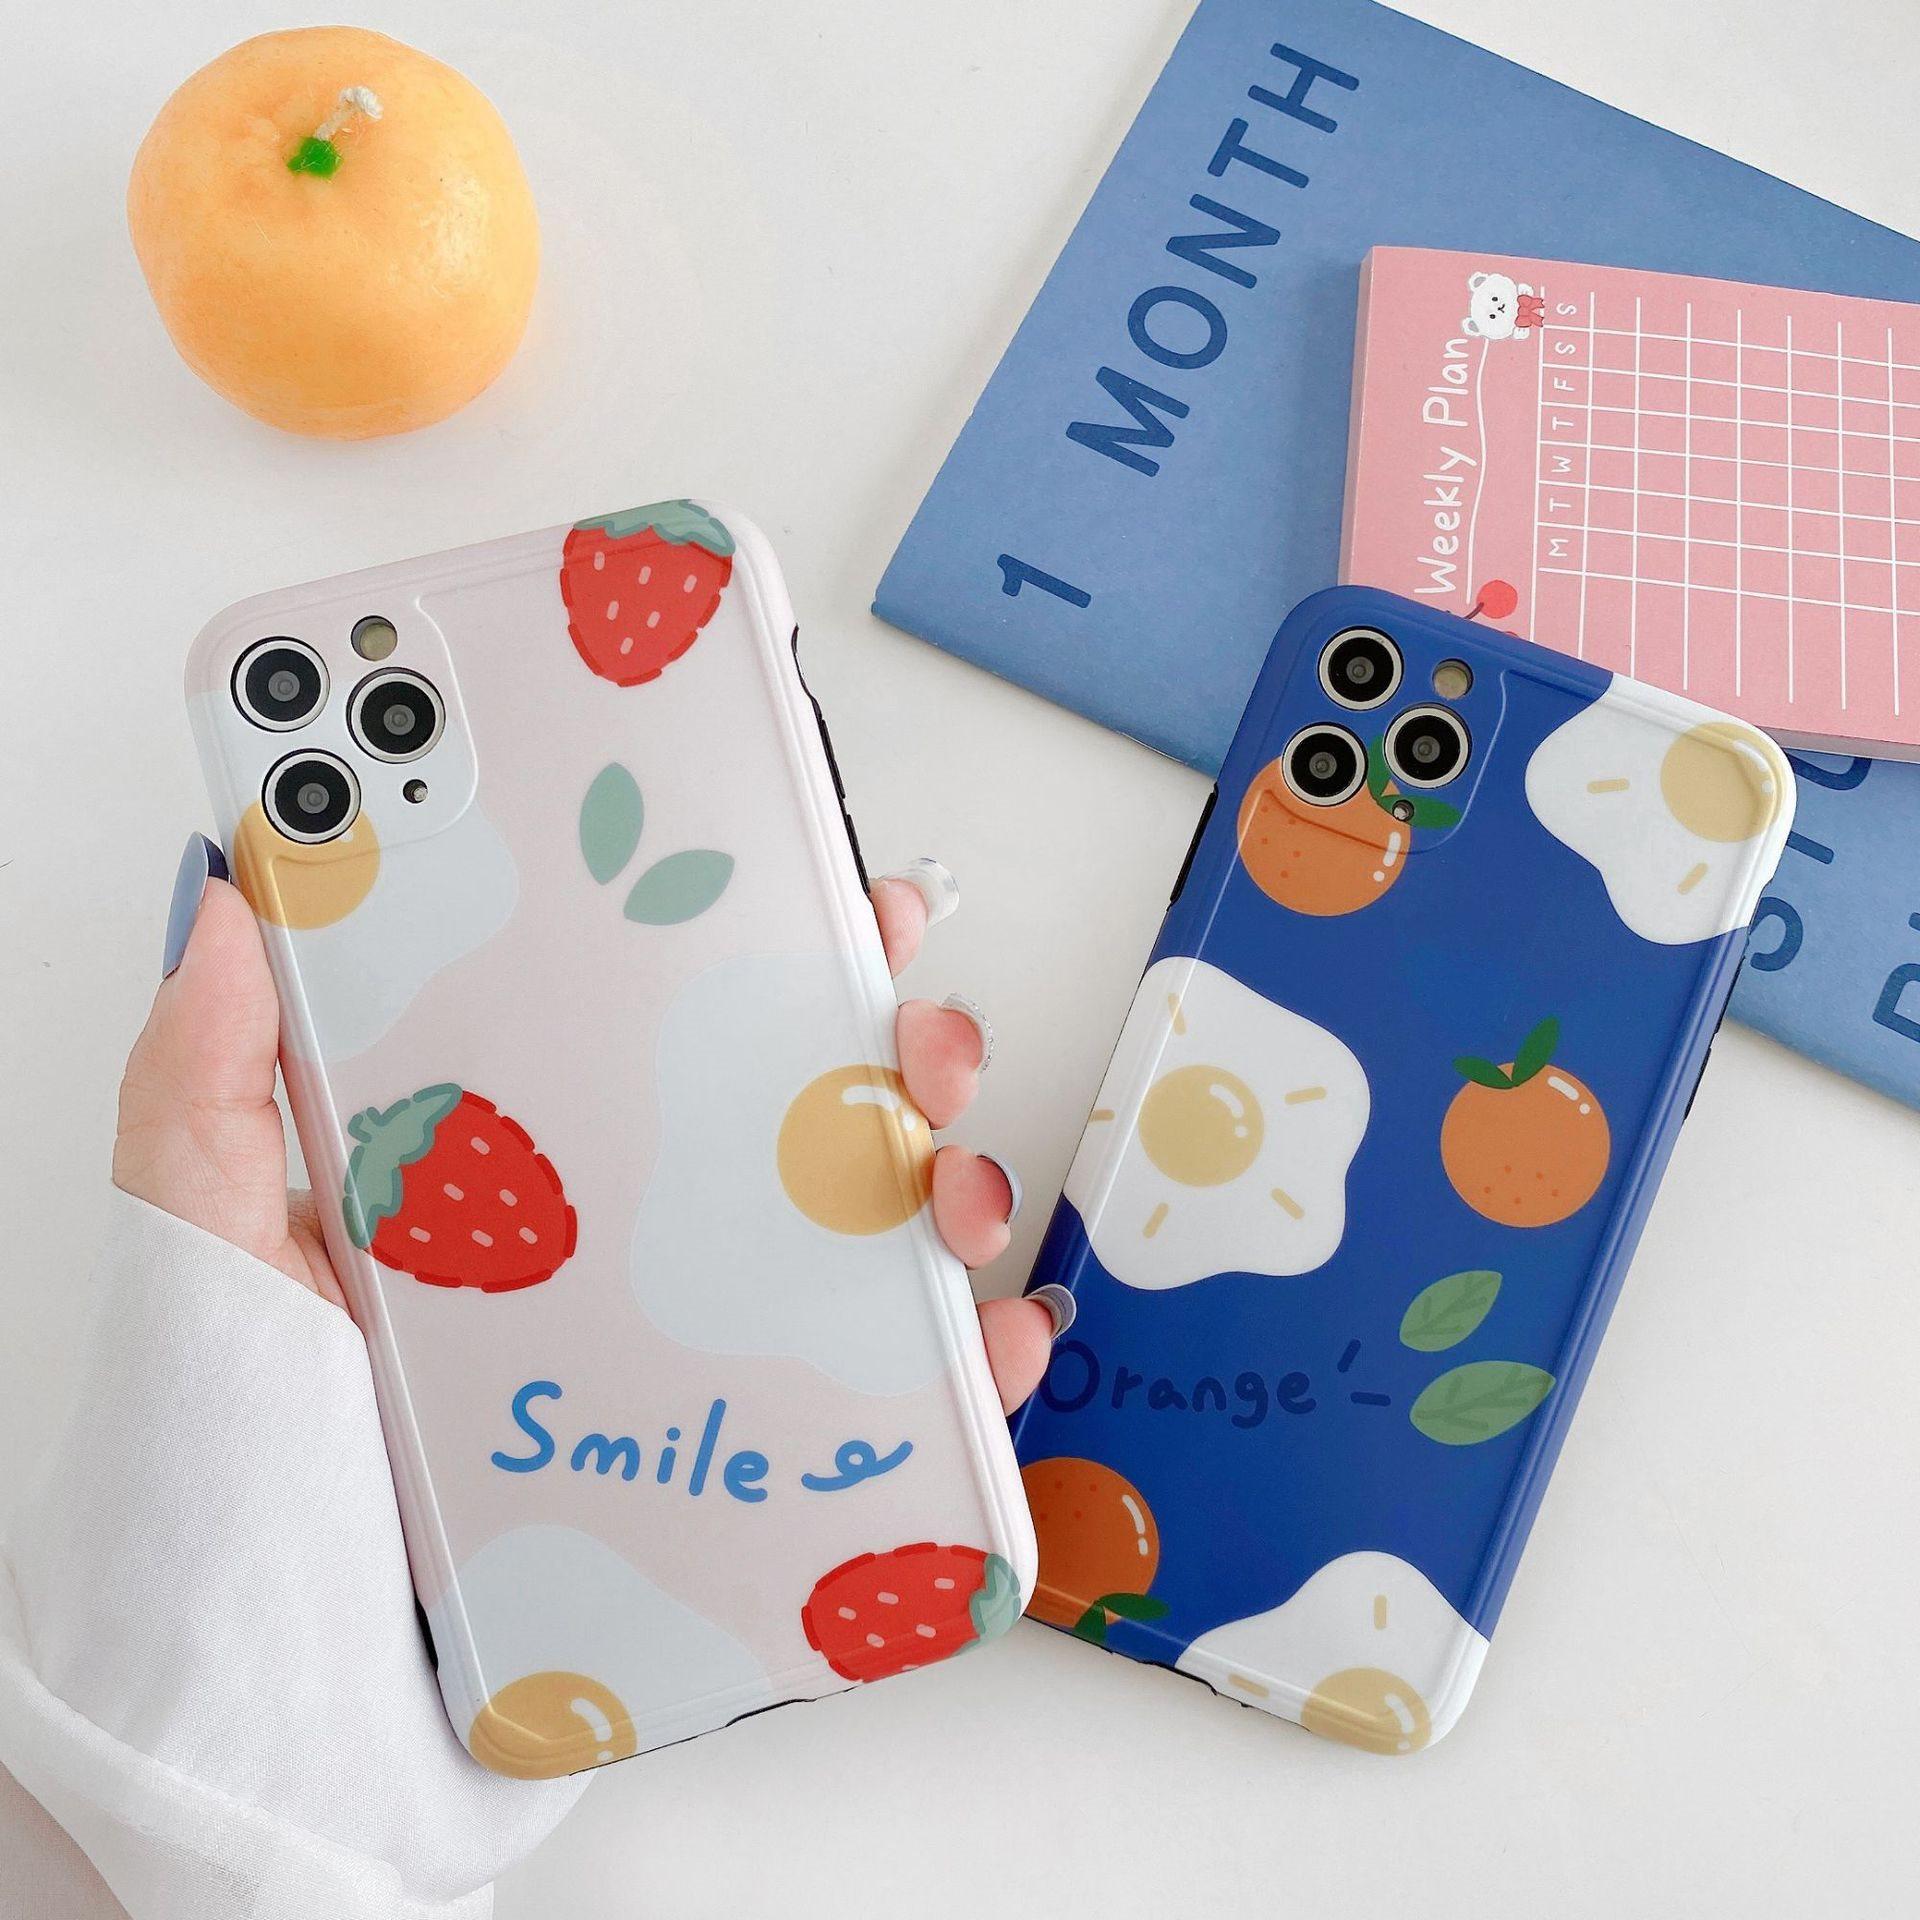 水果荷包蛋11Pro/Max苹果X/XS/XR适用手机壳iPhone7p/8plus超薄软